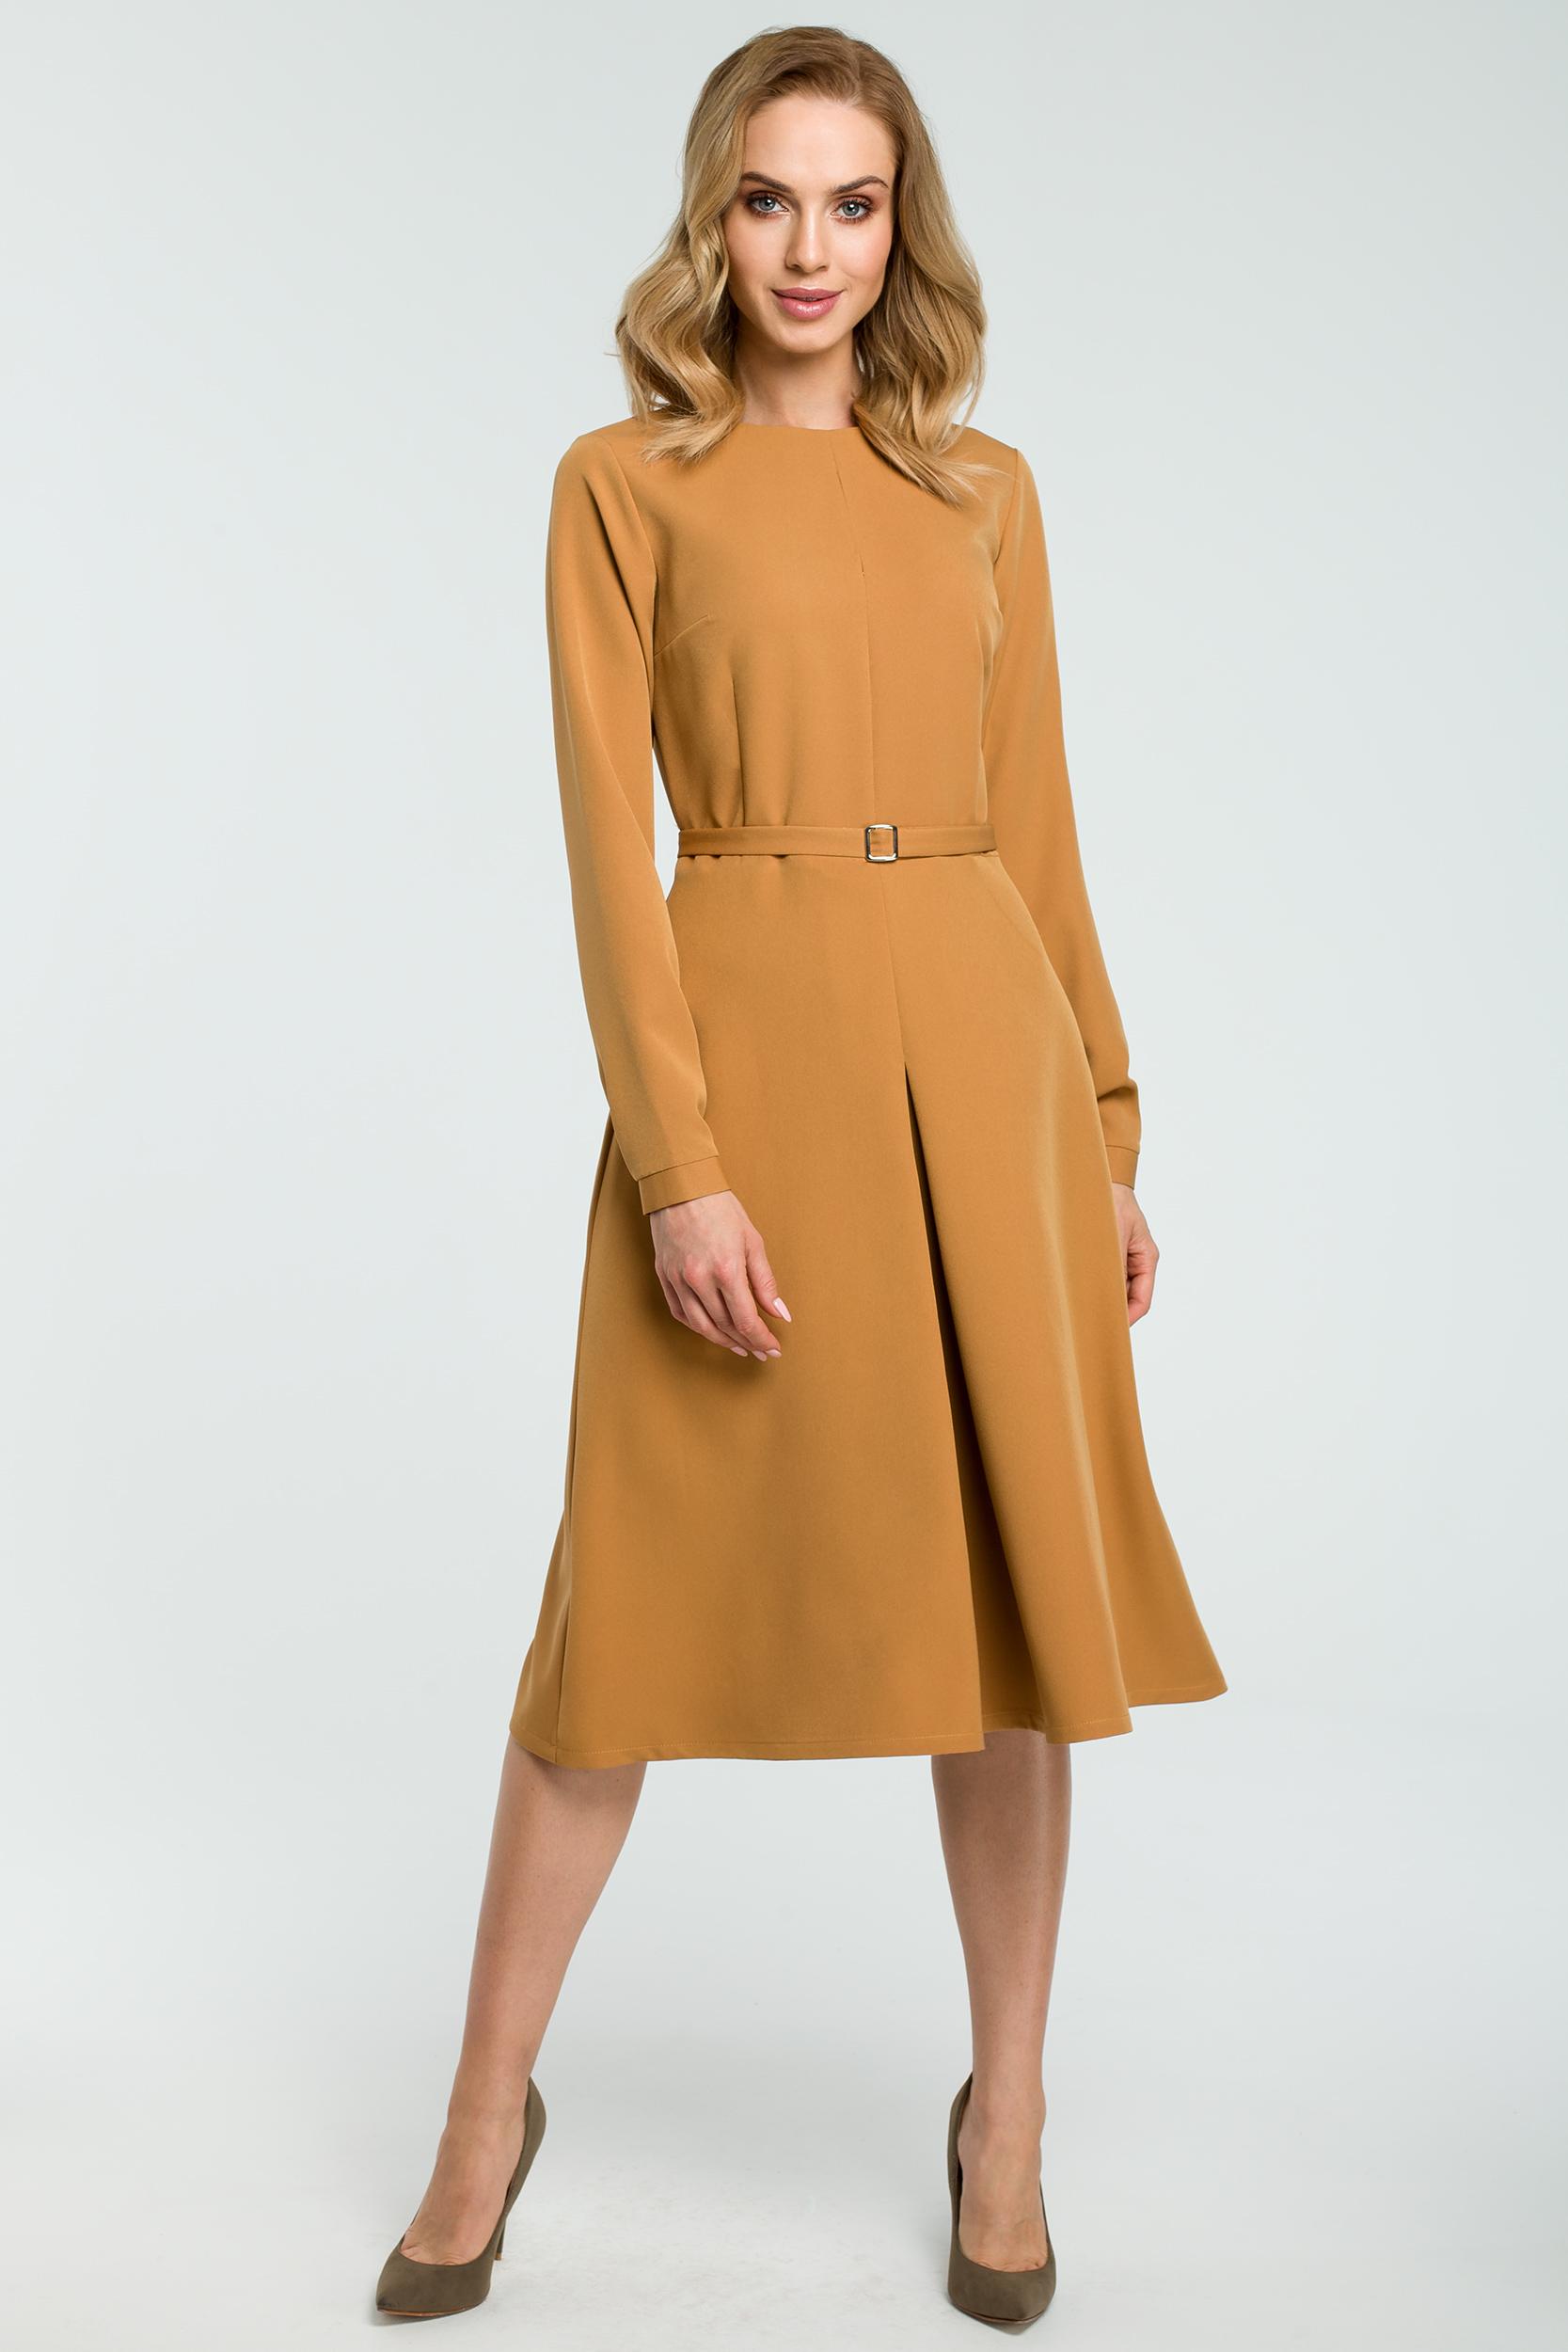 8d66f99910 Elegancka rozkloszowana sukienka z paskiem cynamonowa